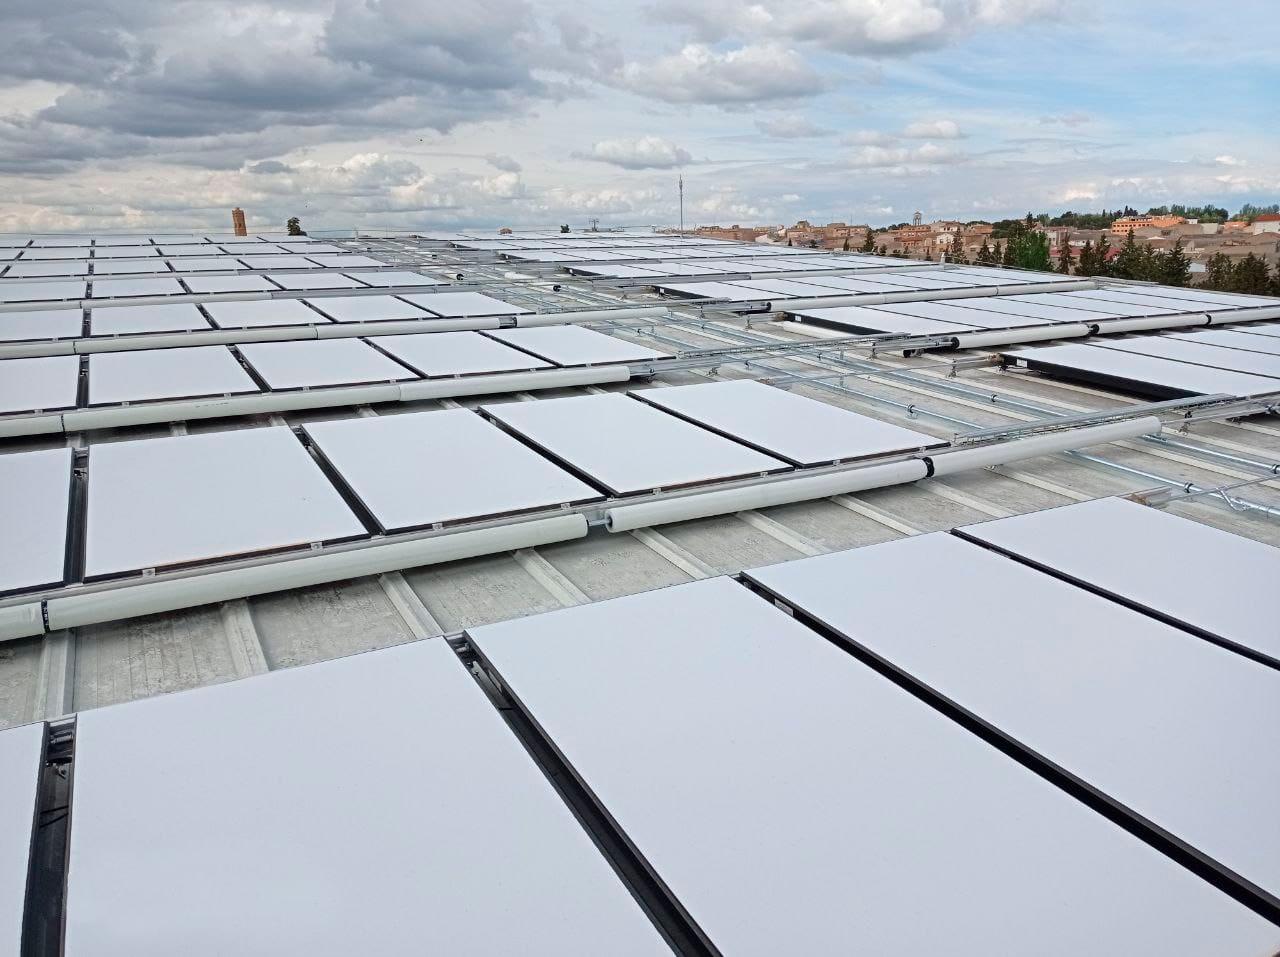 Greening-e utiliza paneles solares híbridos en sus instalaciones fotovoltaicas